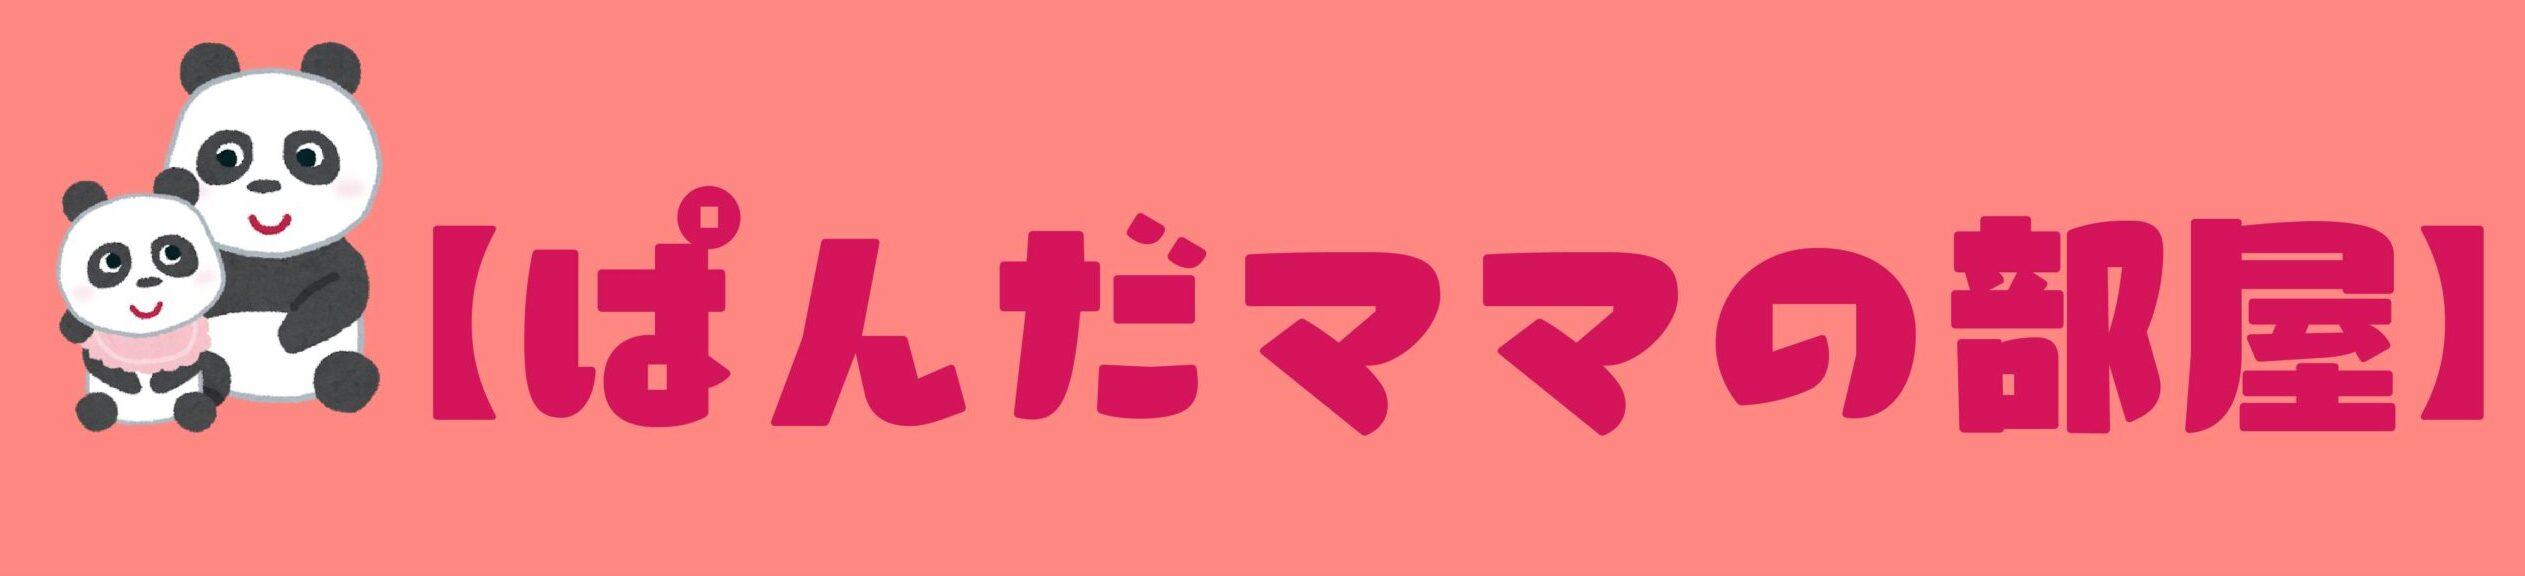 子育て支援ブログ【ぱんだママの部屋】お悩み解決ハッピーのお手伝い